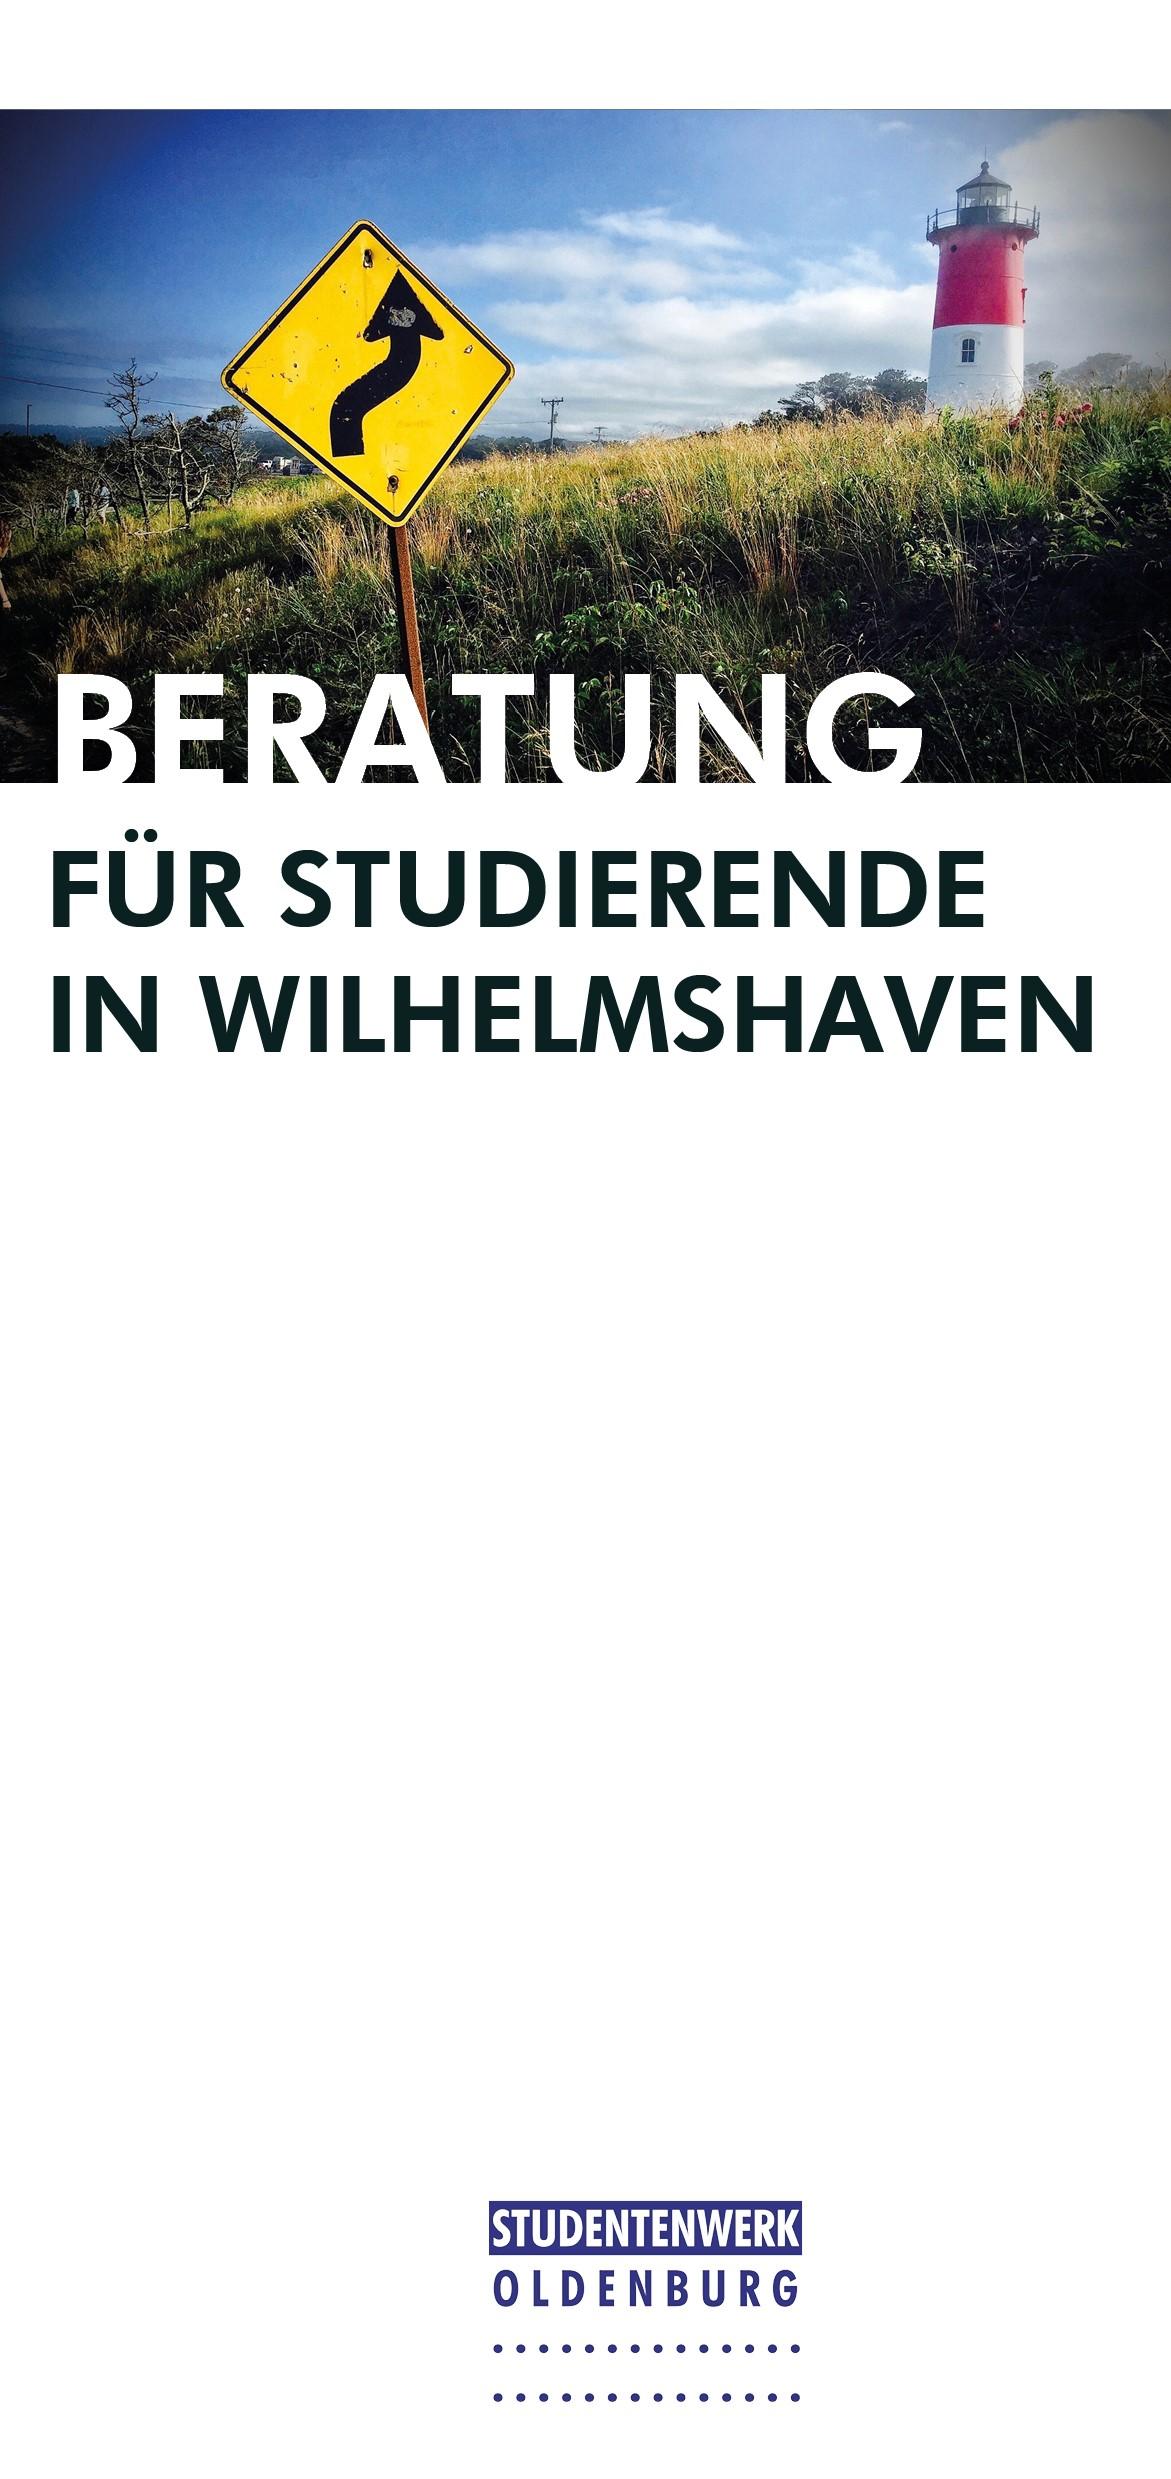 Beratung für Studierende in Wilhelmshaven